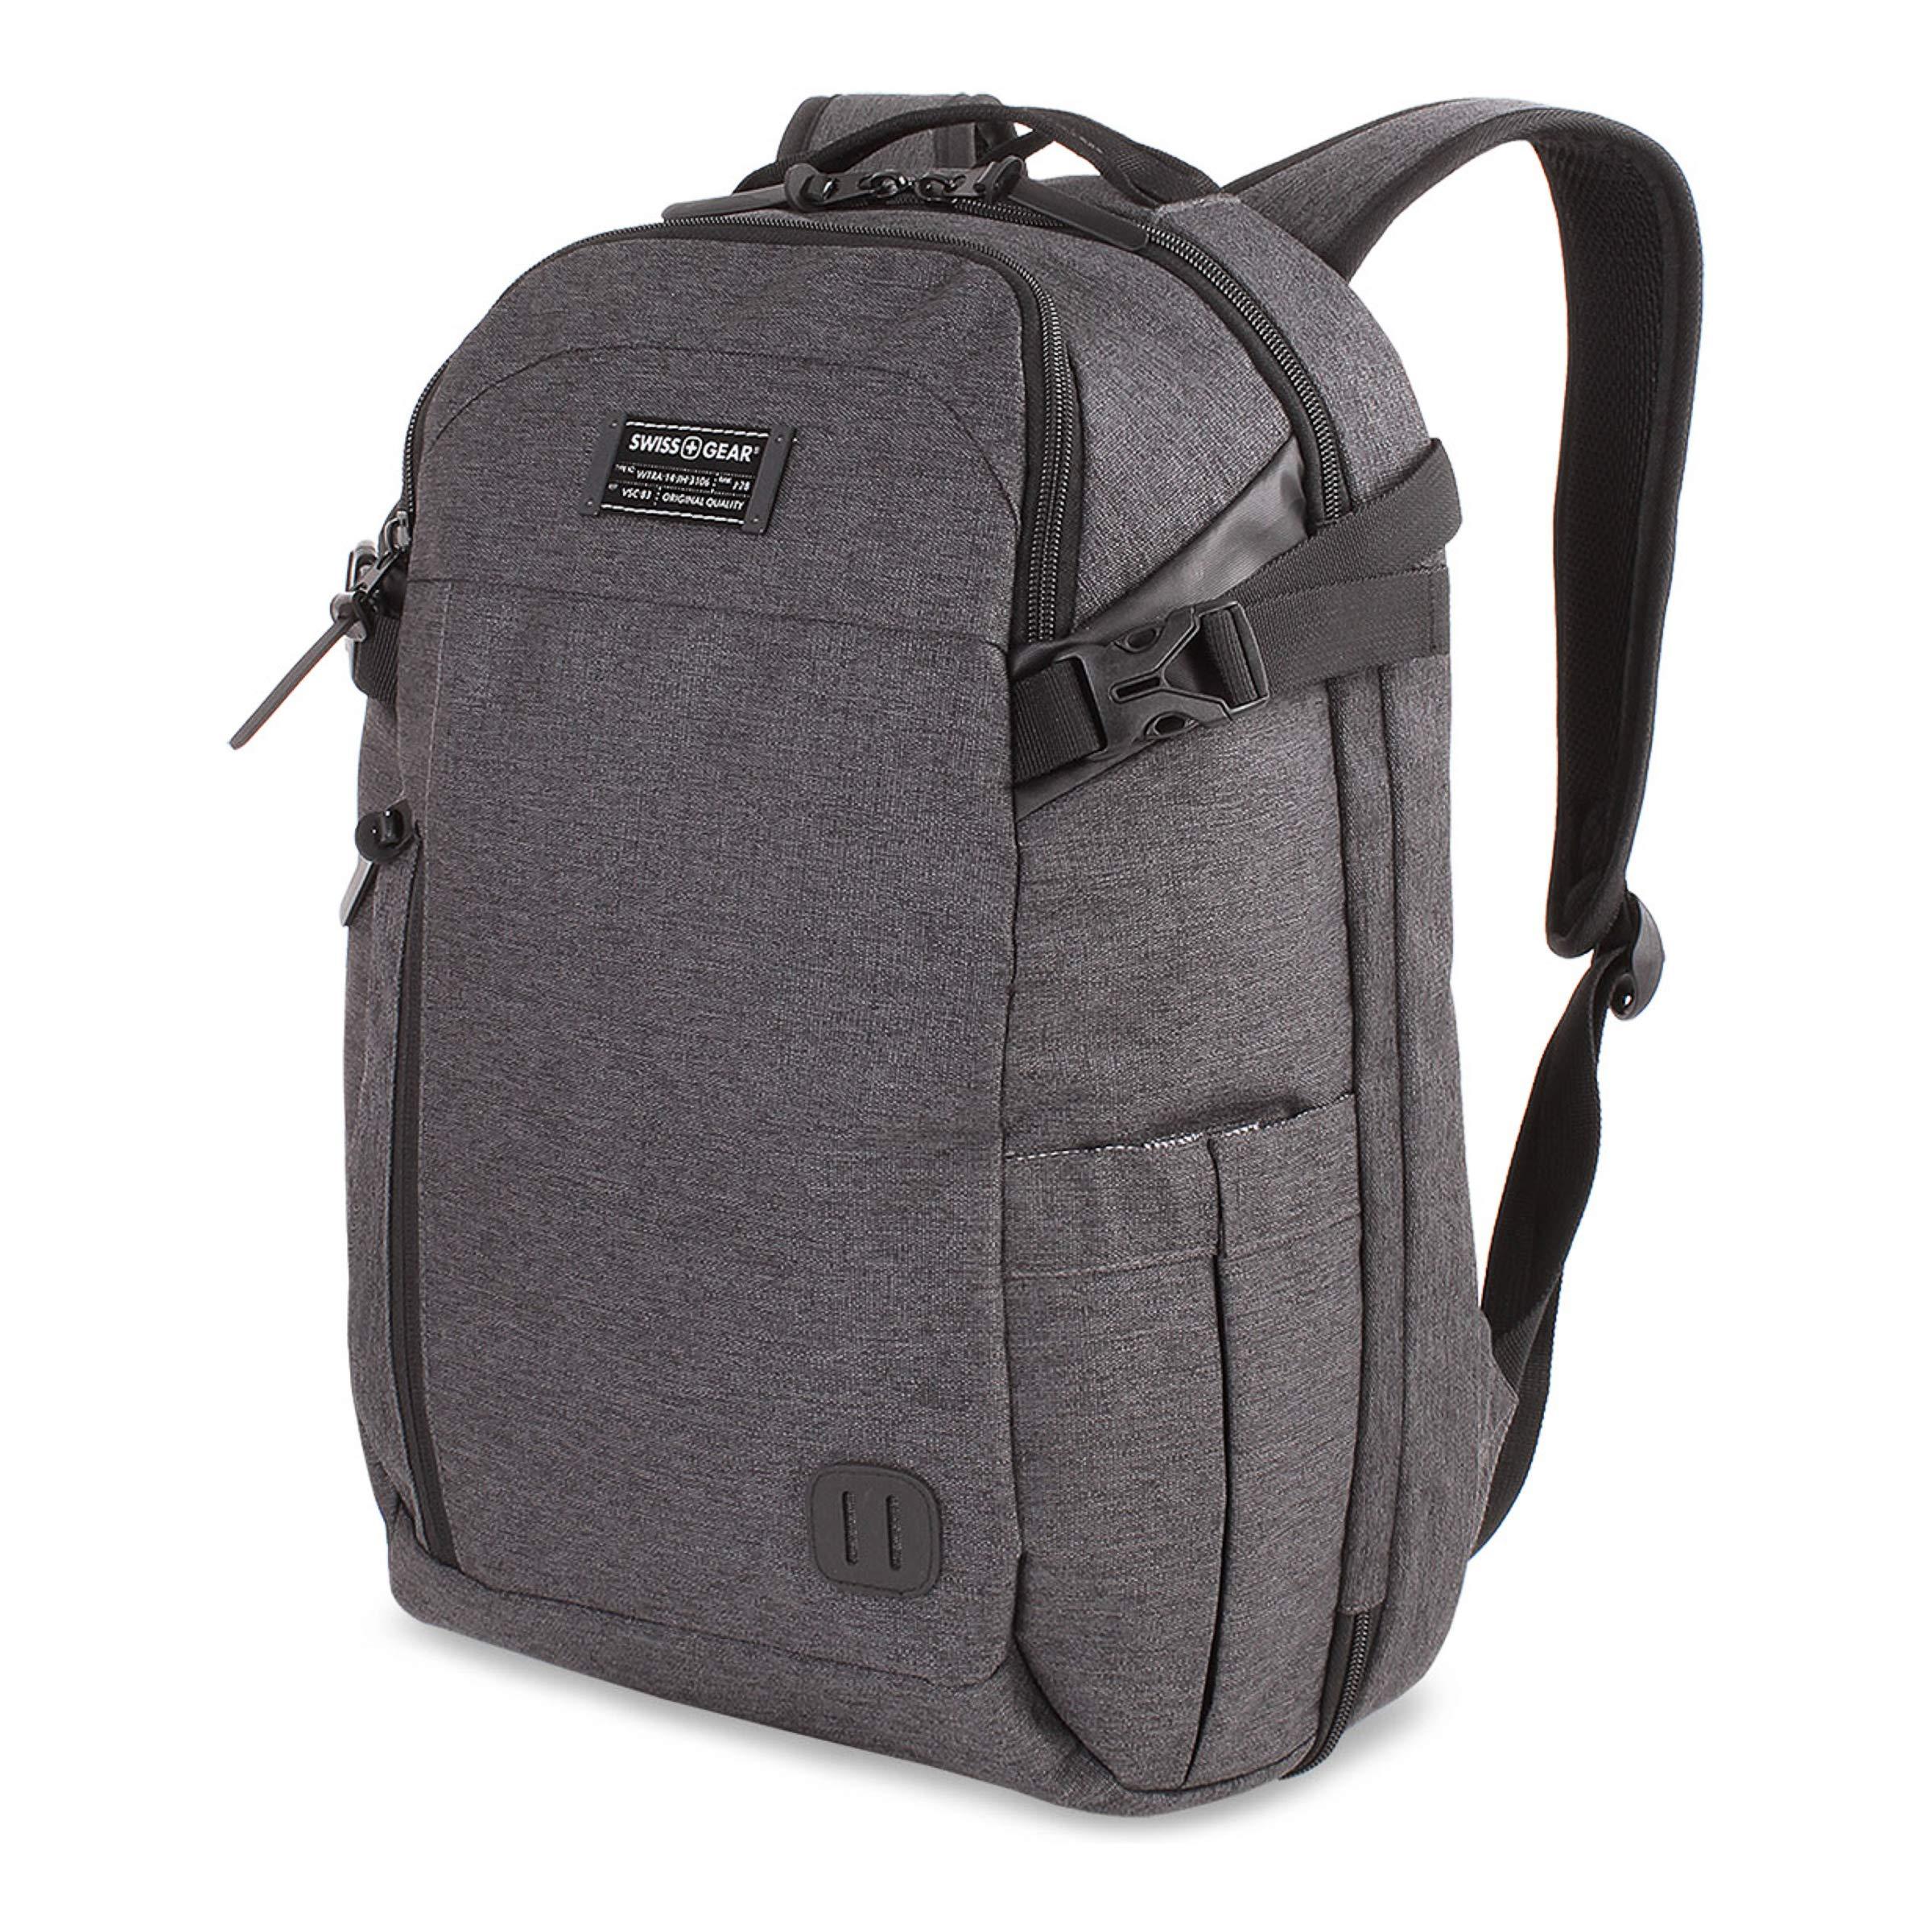 SWISSGEAR Getaway Weekend 15-inch Padded Laptop Backpack | Travel, Work, School | Men's and Women's - Heather Gray by Swiss Gear